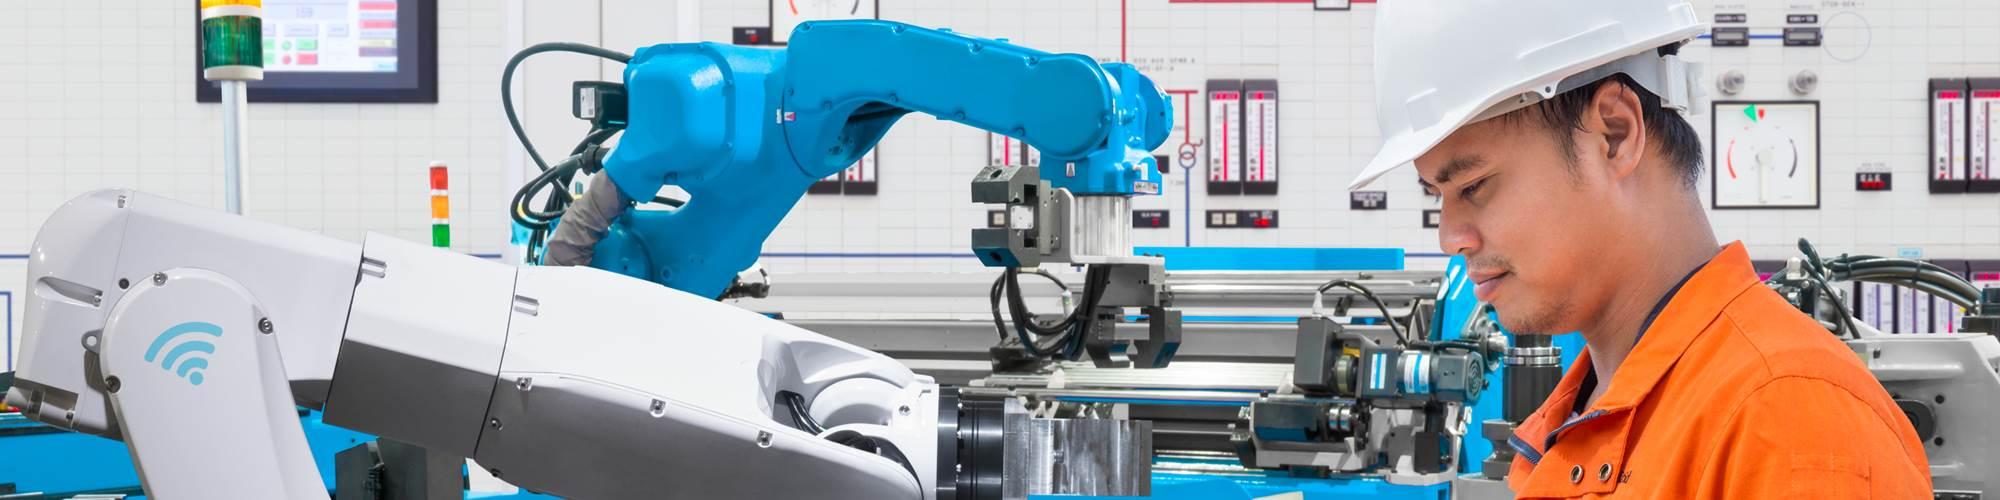 En esta edición presentamos cuáles son las principales motivaciones que encuentran las empresas de plásticos, en la coyuntura actual, para invertir en soluciones de automatización.